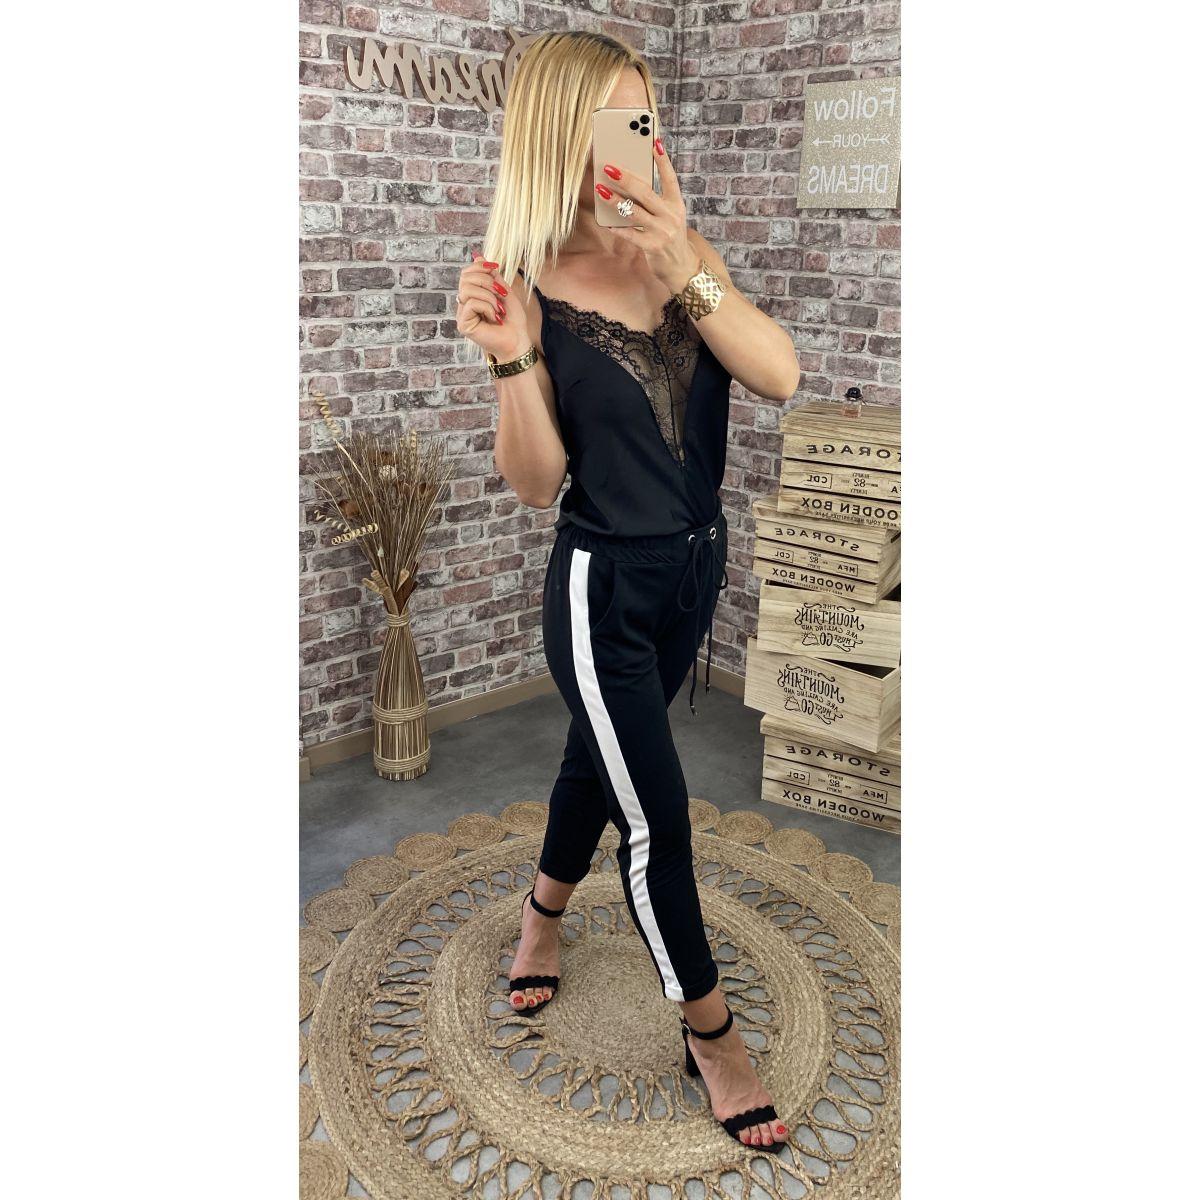 Pantalon style jogging noir et bande blanche